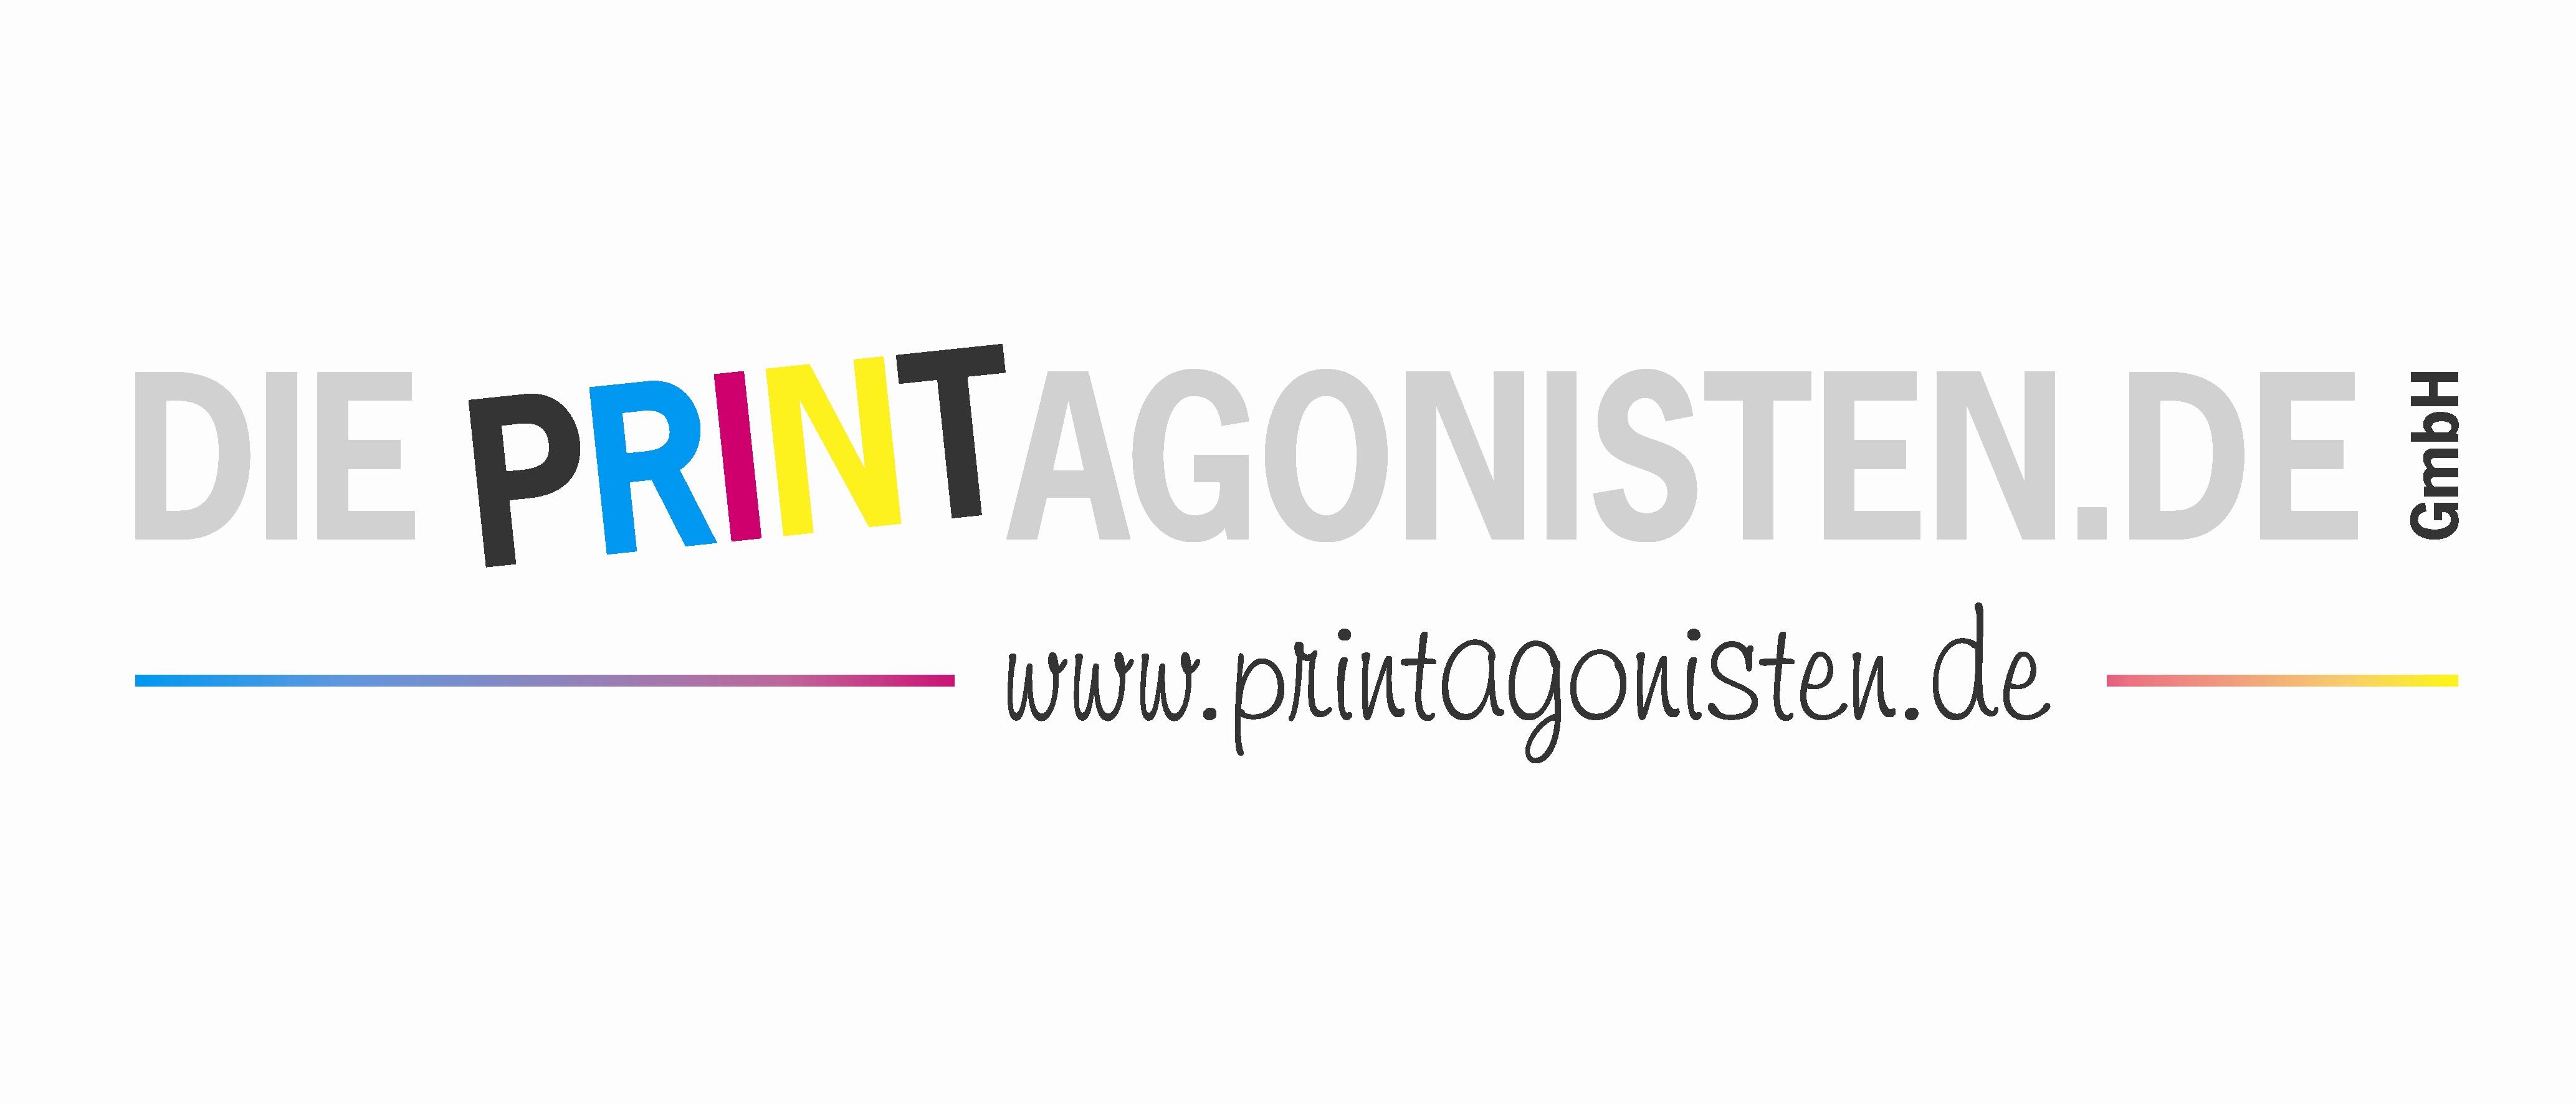 Die Printagonisten